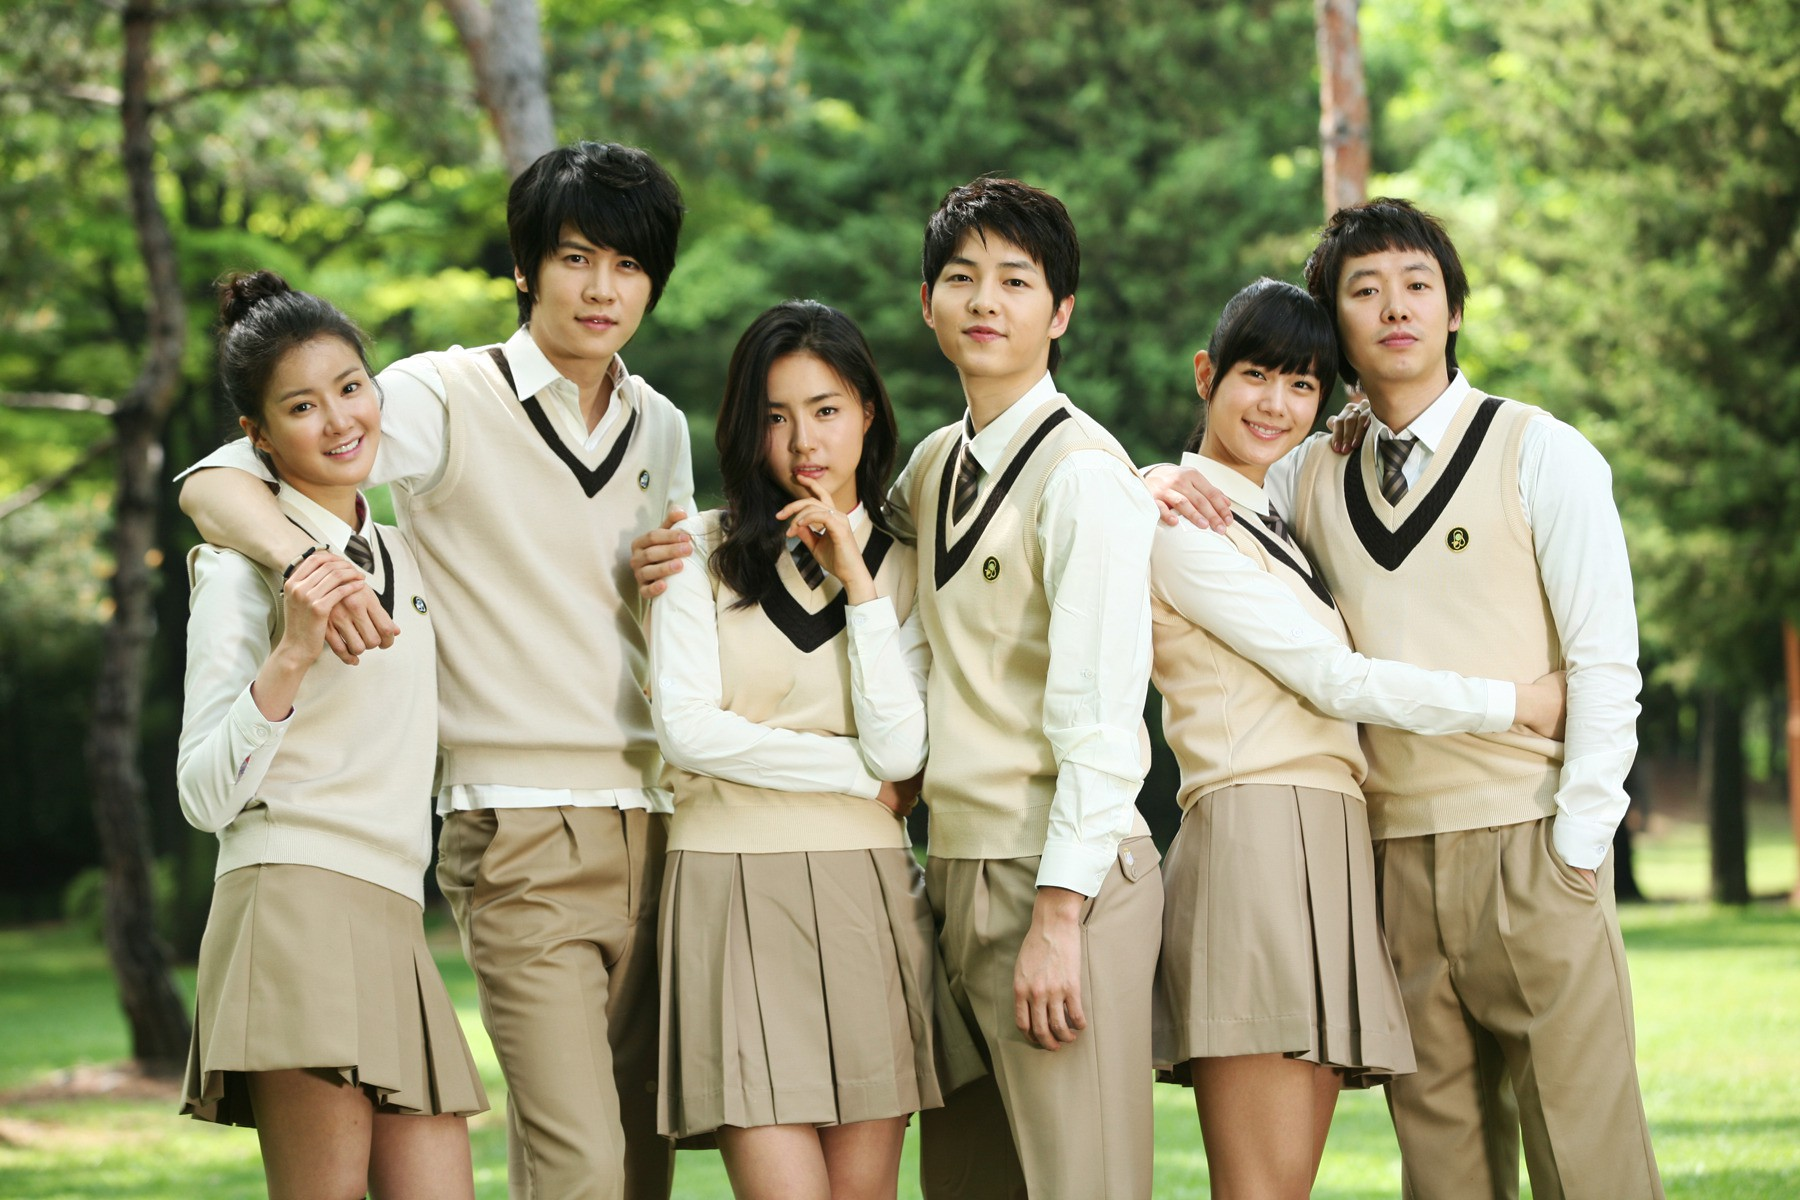 Chuyện đó có ai ngờ: Song Joong Ki là người tình màn ảnh của nữ thần mặt đơ Shin Se Kyung - Ảnh 4.